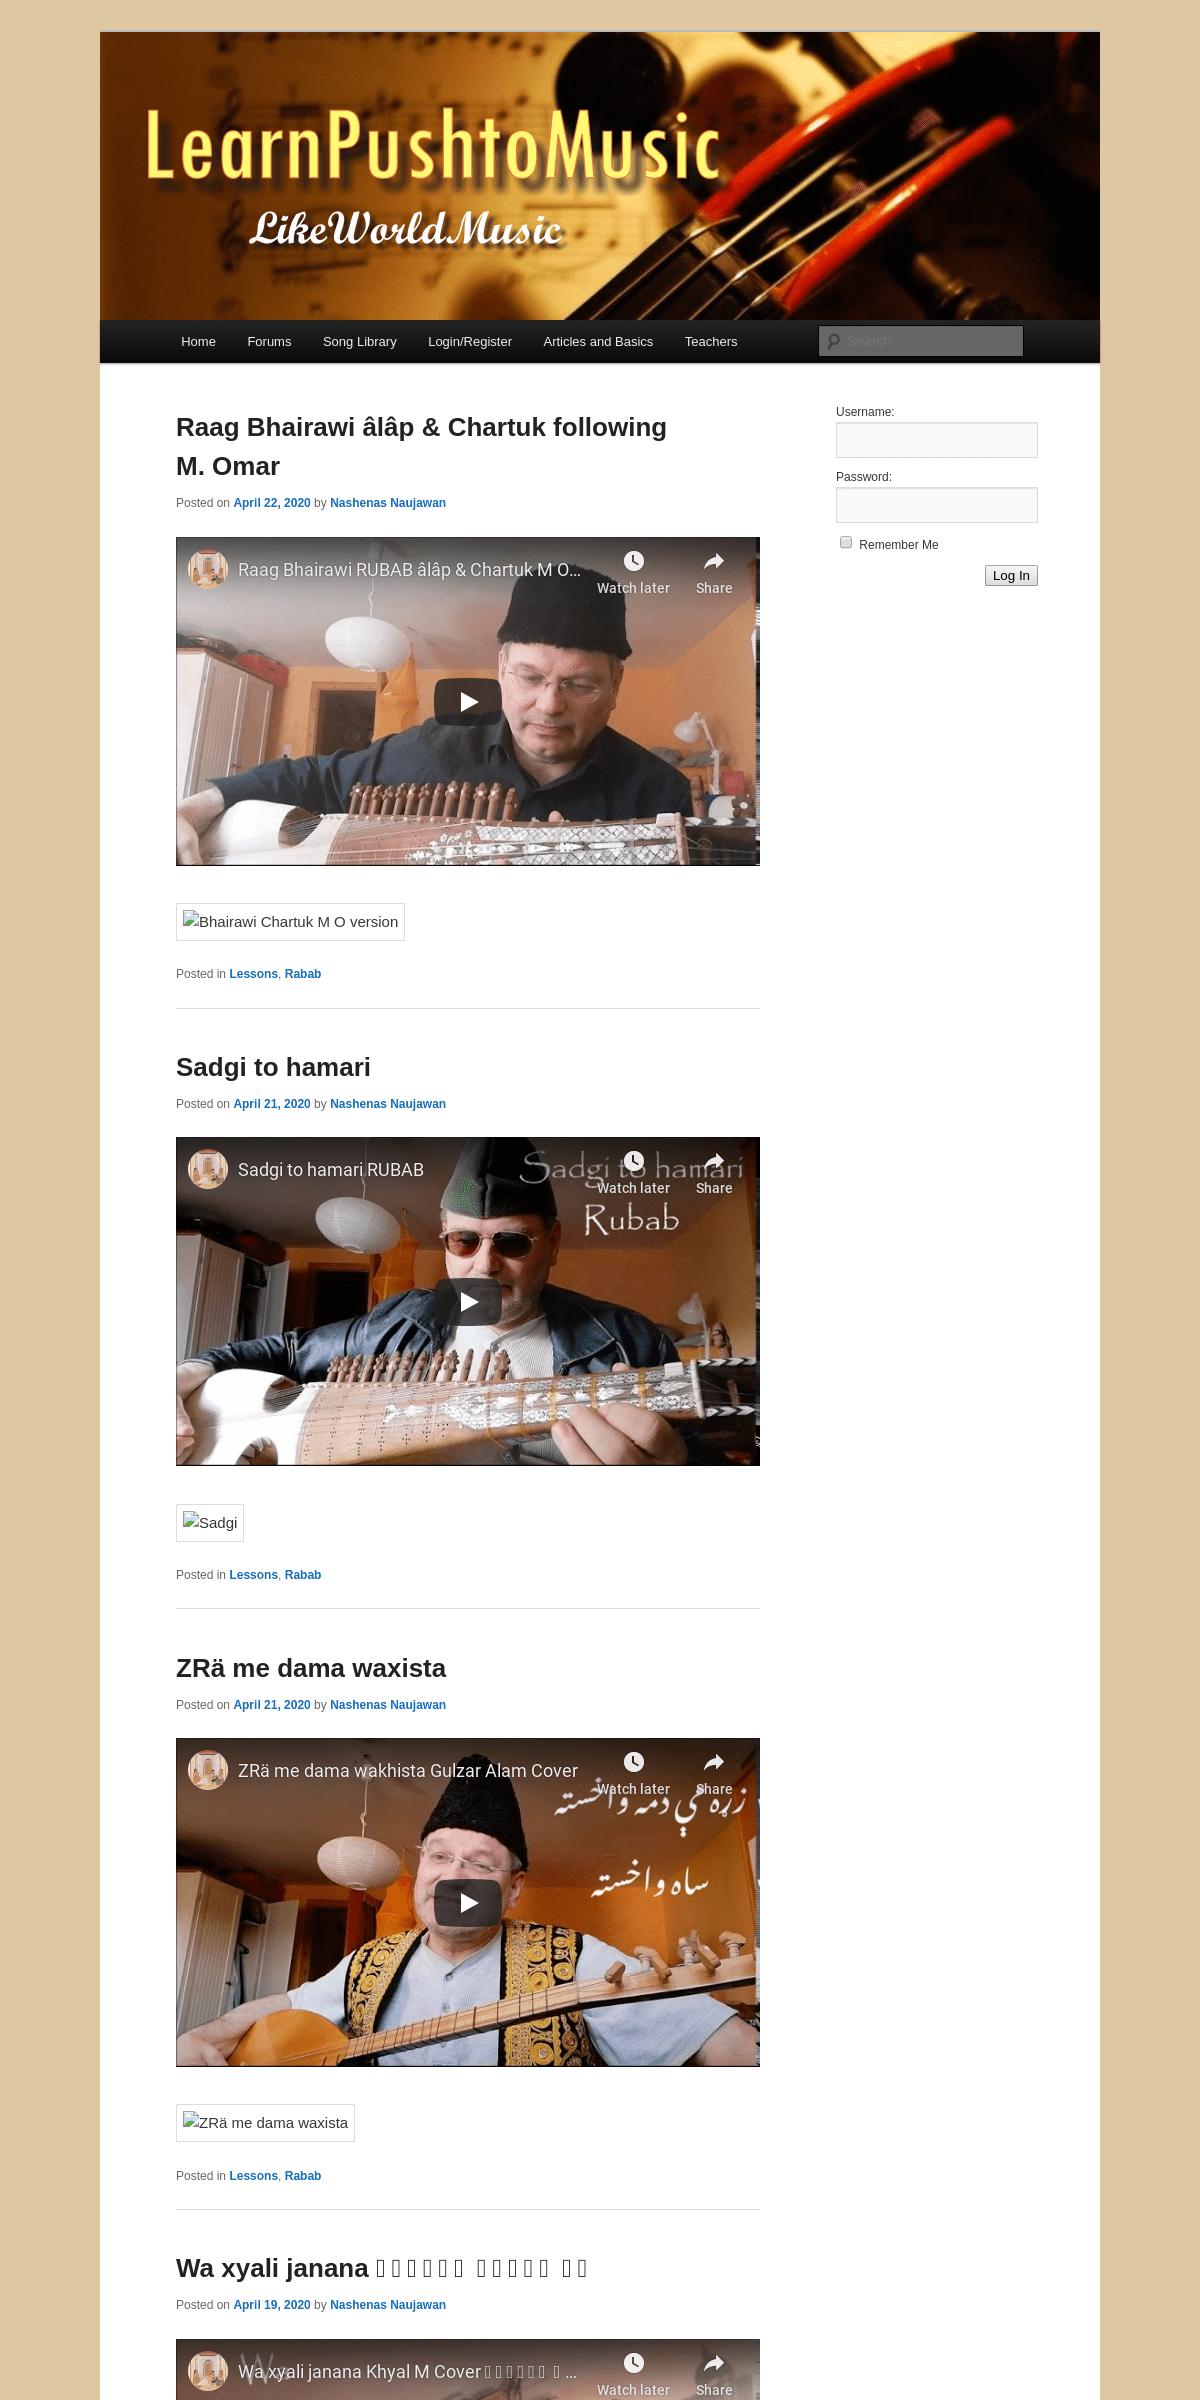 LearnPushtoMusic - Like World Music